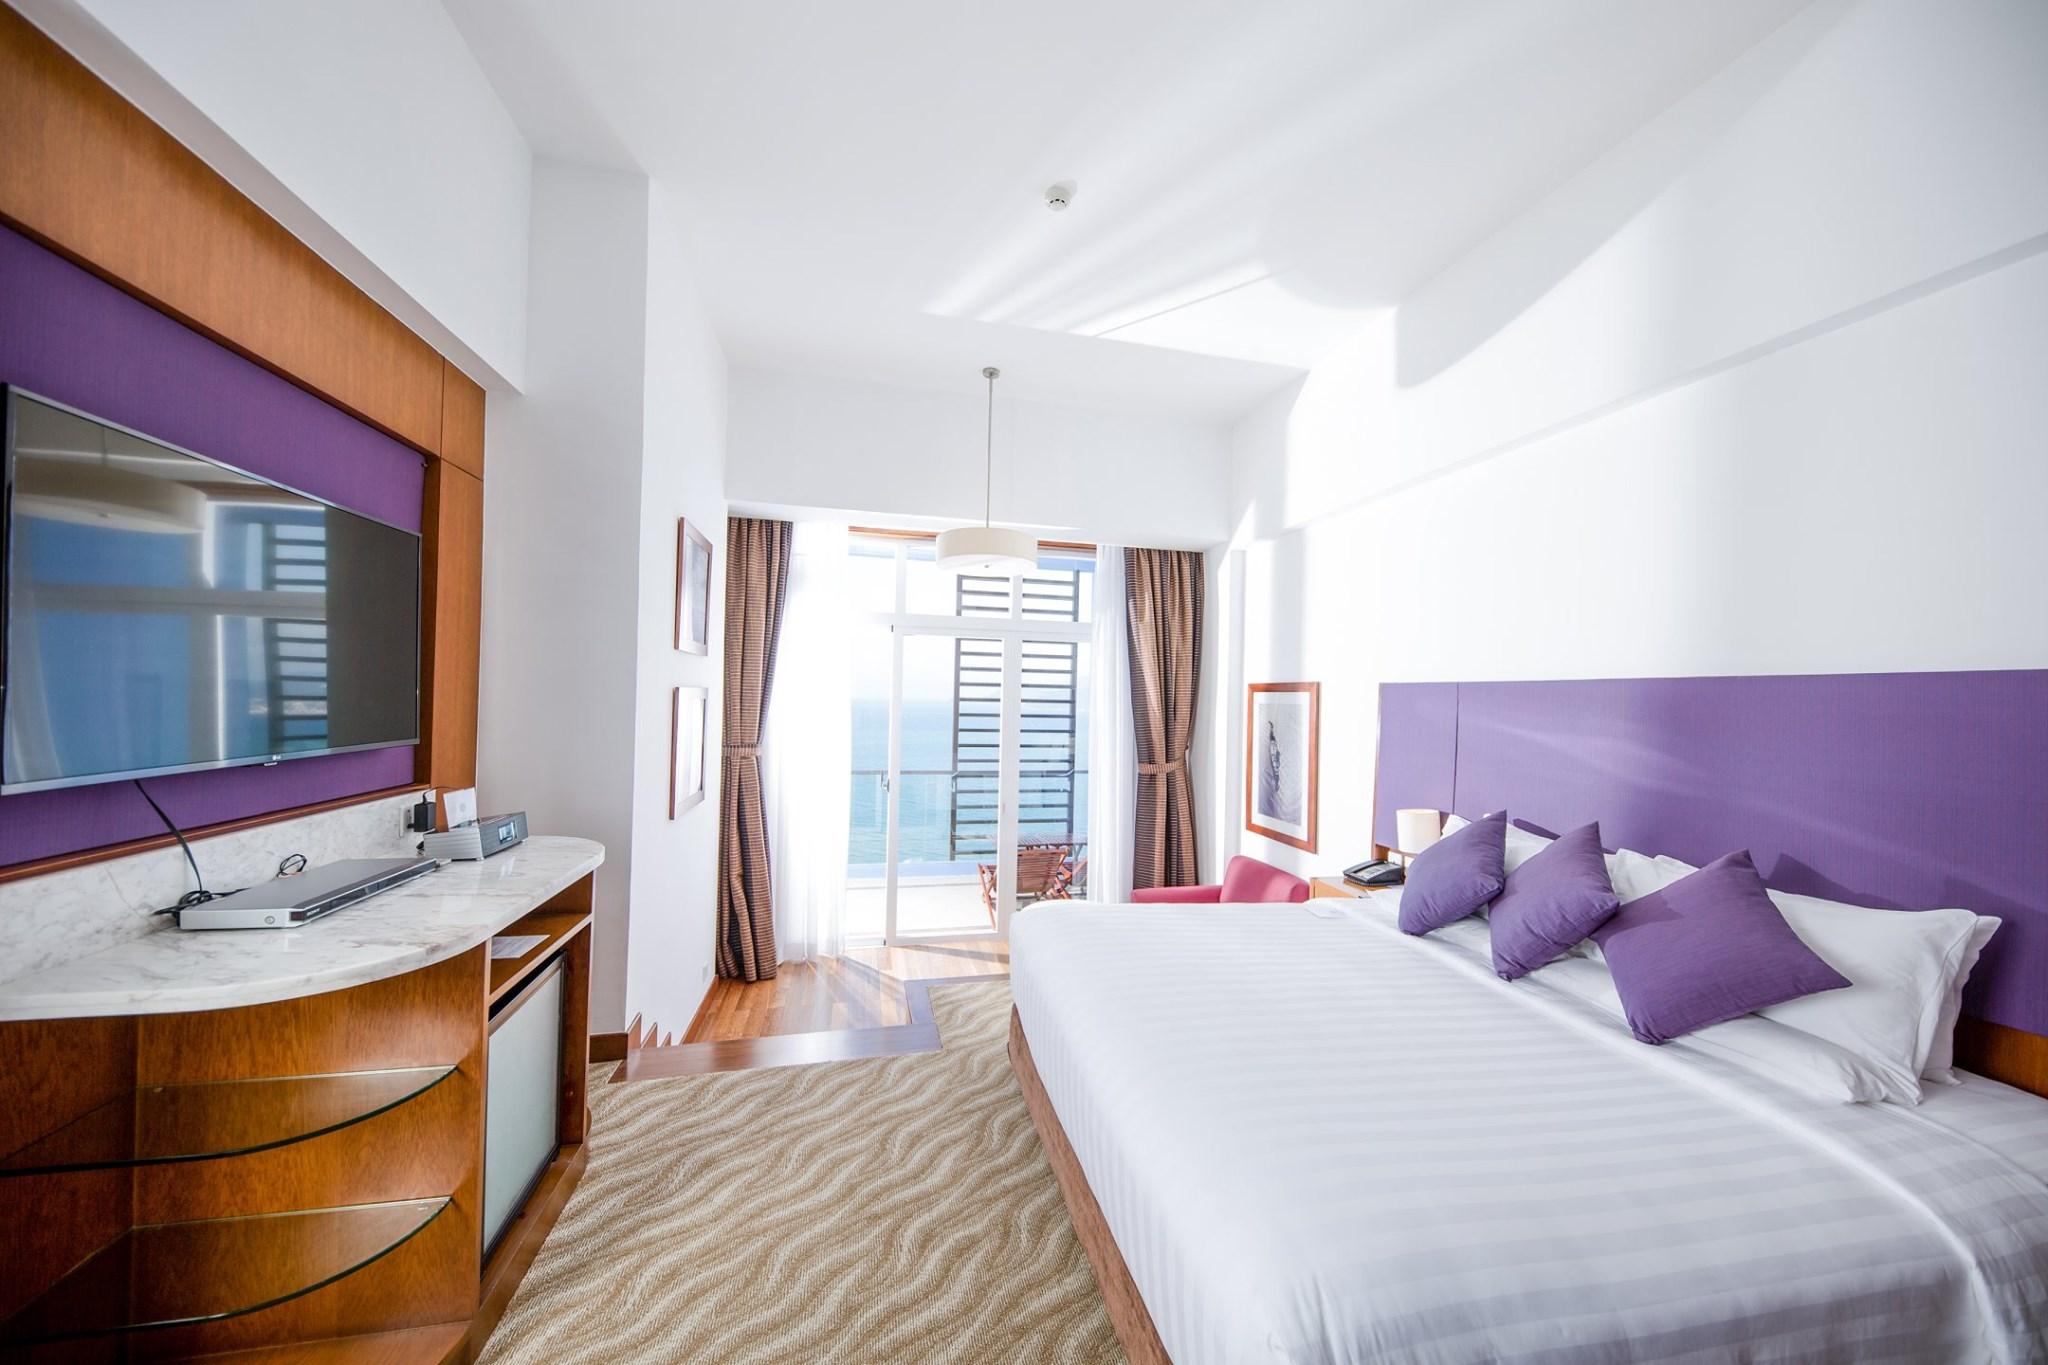 Khách sạn Novotel Nha Trang khuyến mãi hấp dẫn cho khách du lịch